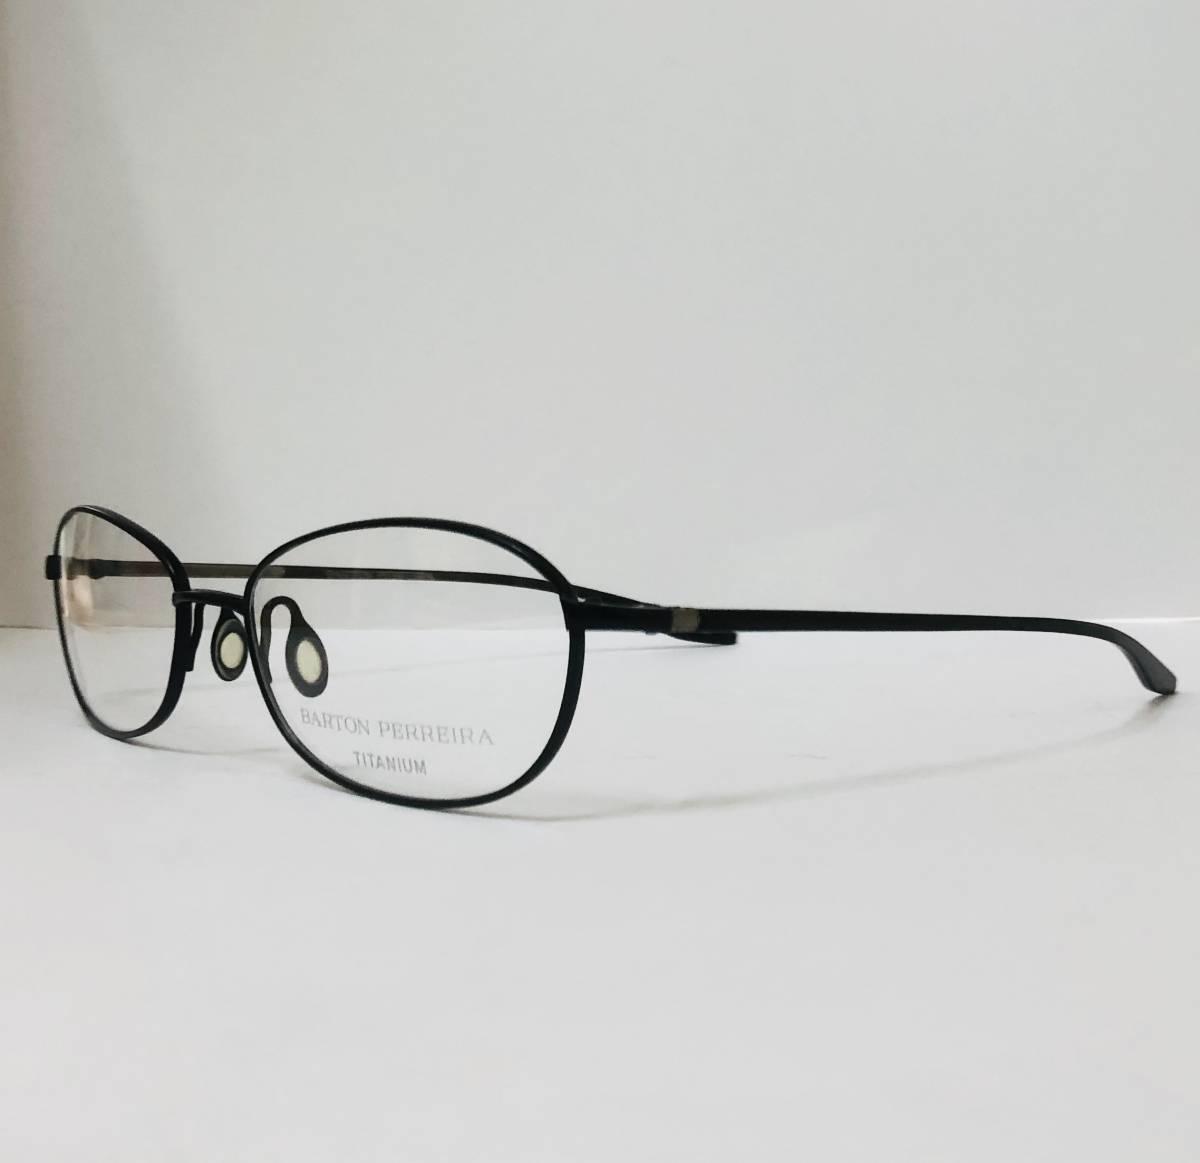 定価 42,500円 バートンペレイラ ヘイゼル チタン製 日本製メガネ 黒 Barton Perreira 米国ブランド _画像1